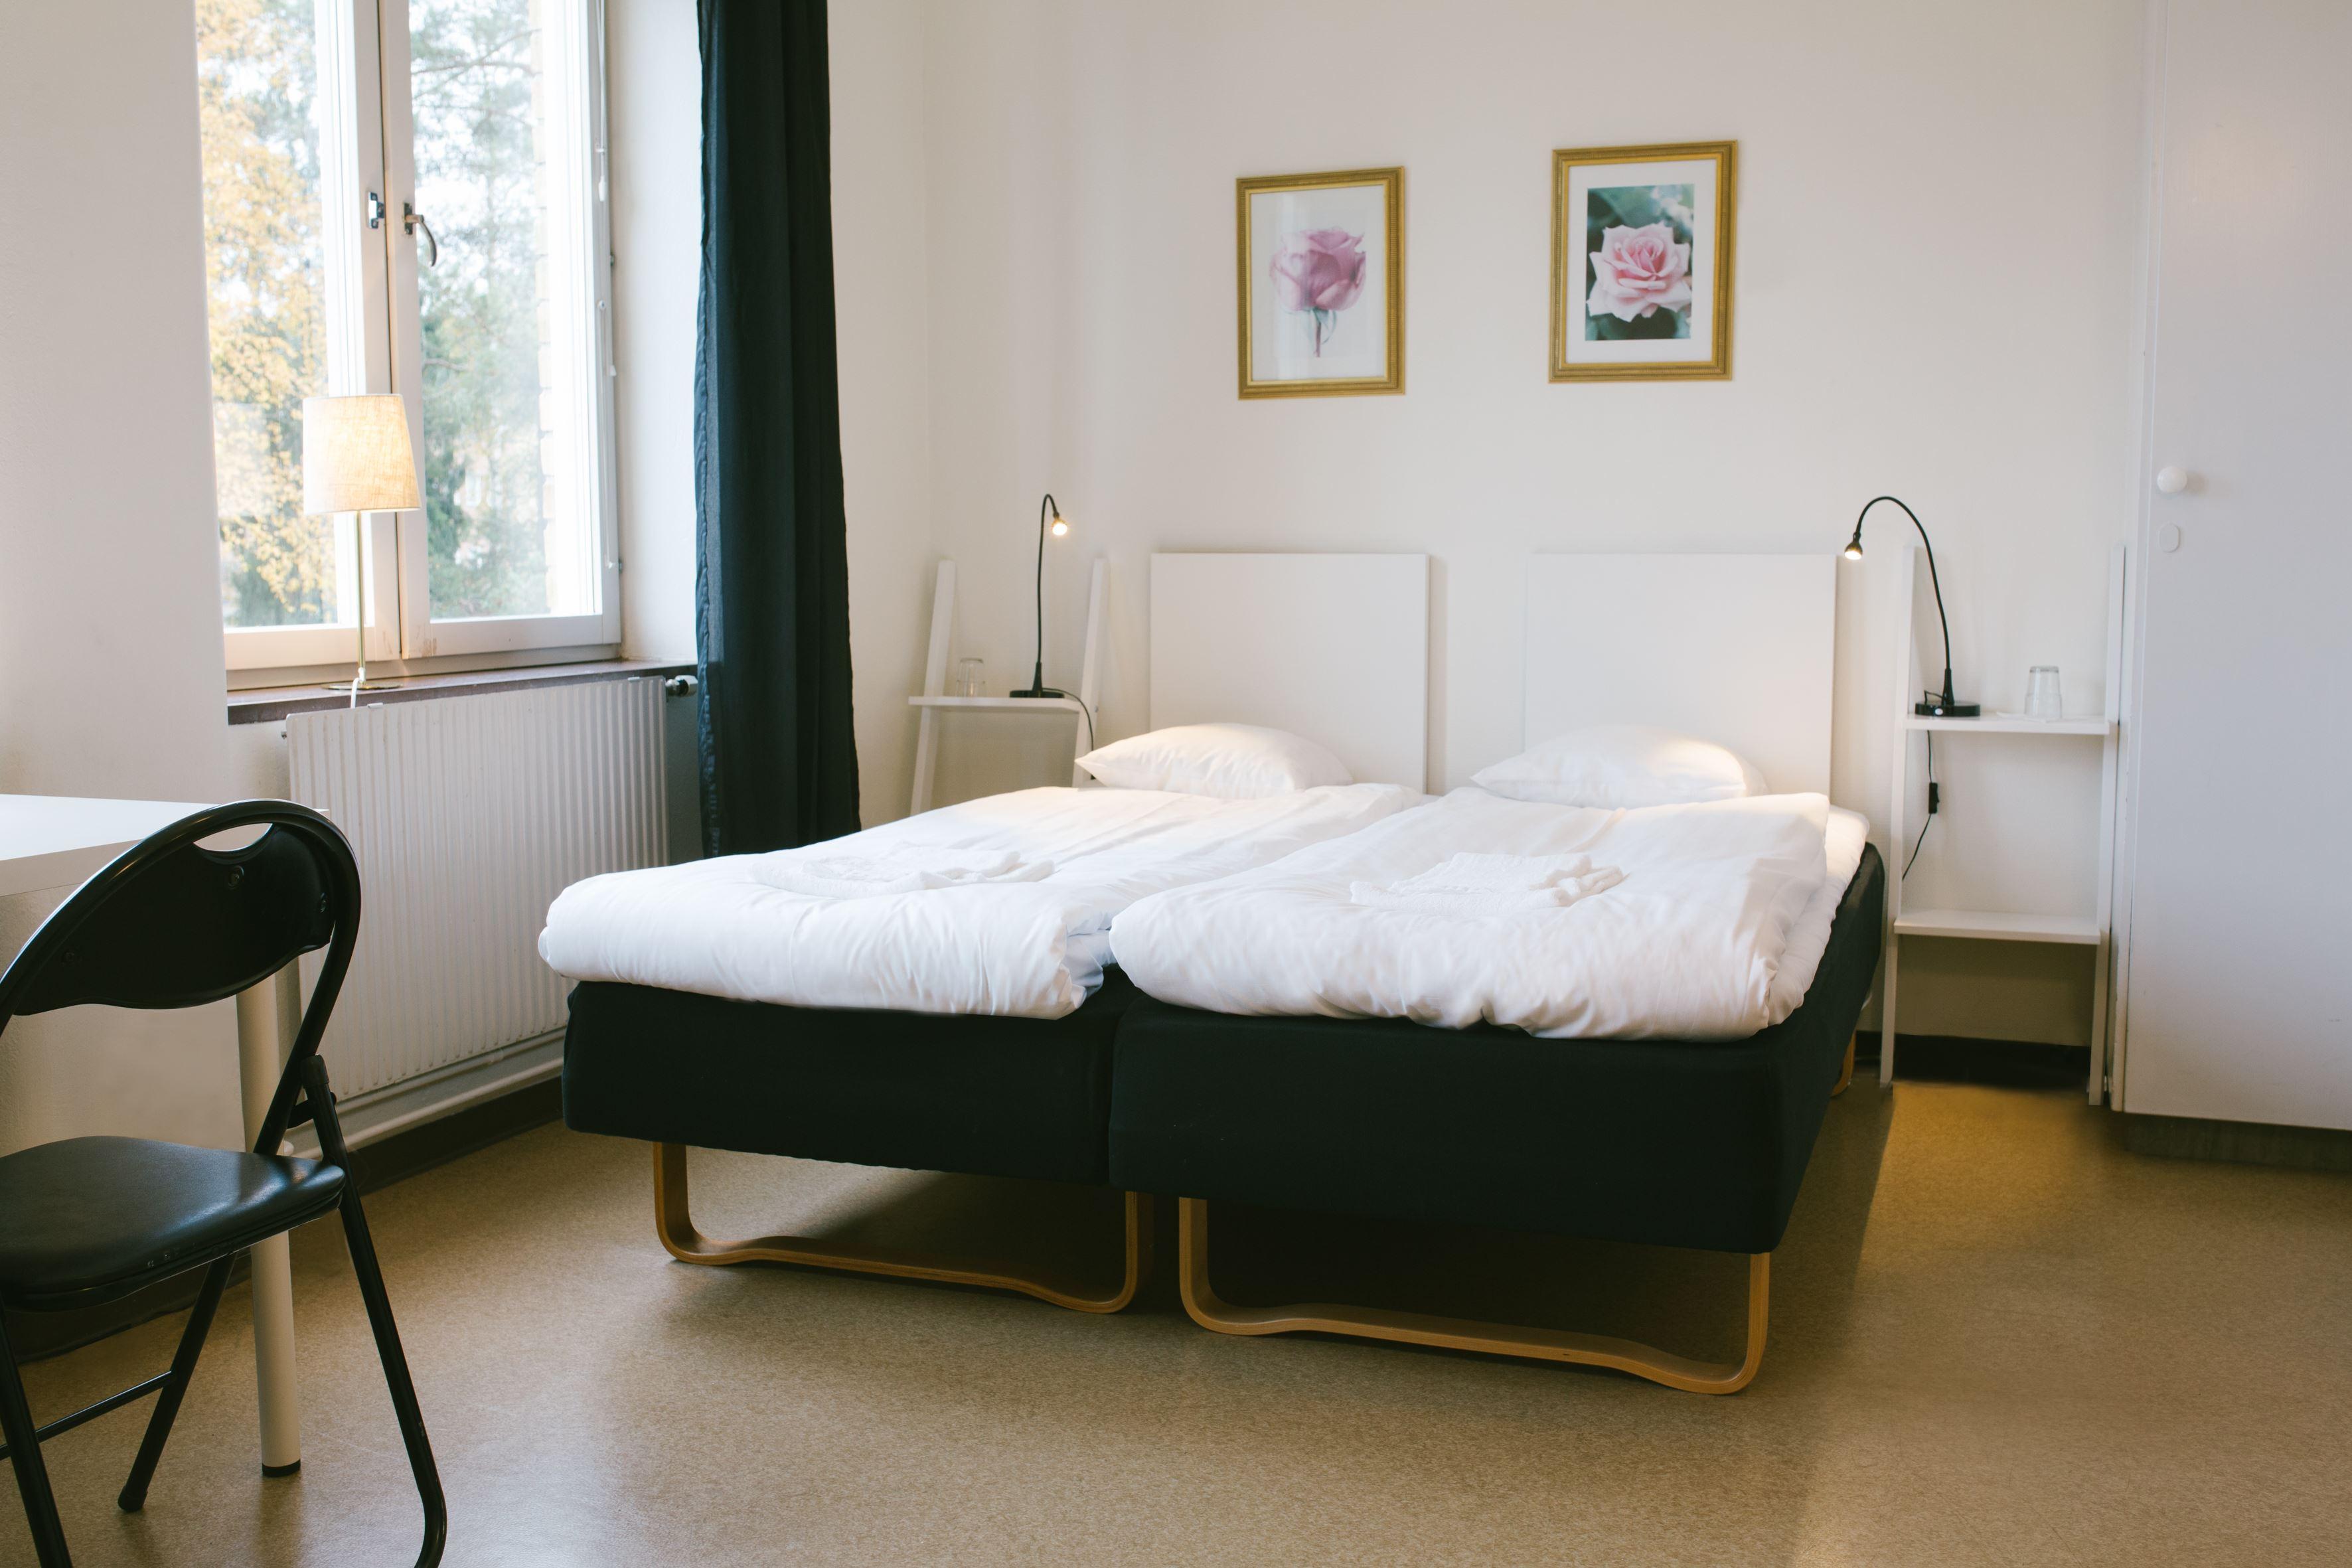 Sidsjö Hotel & Conference